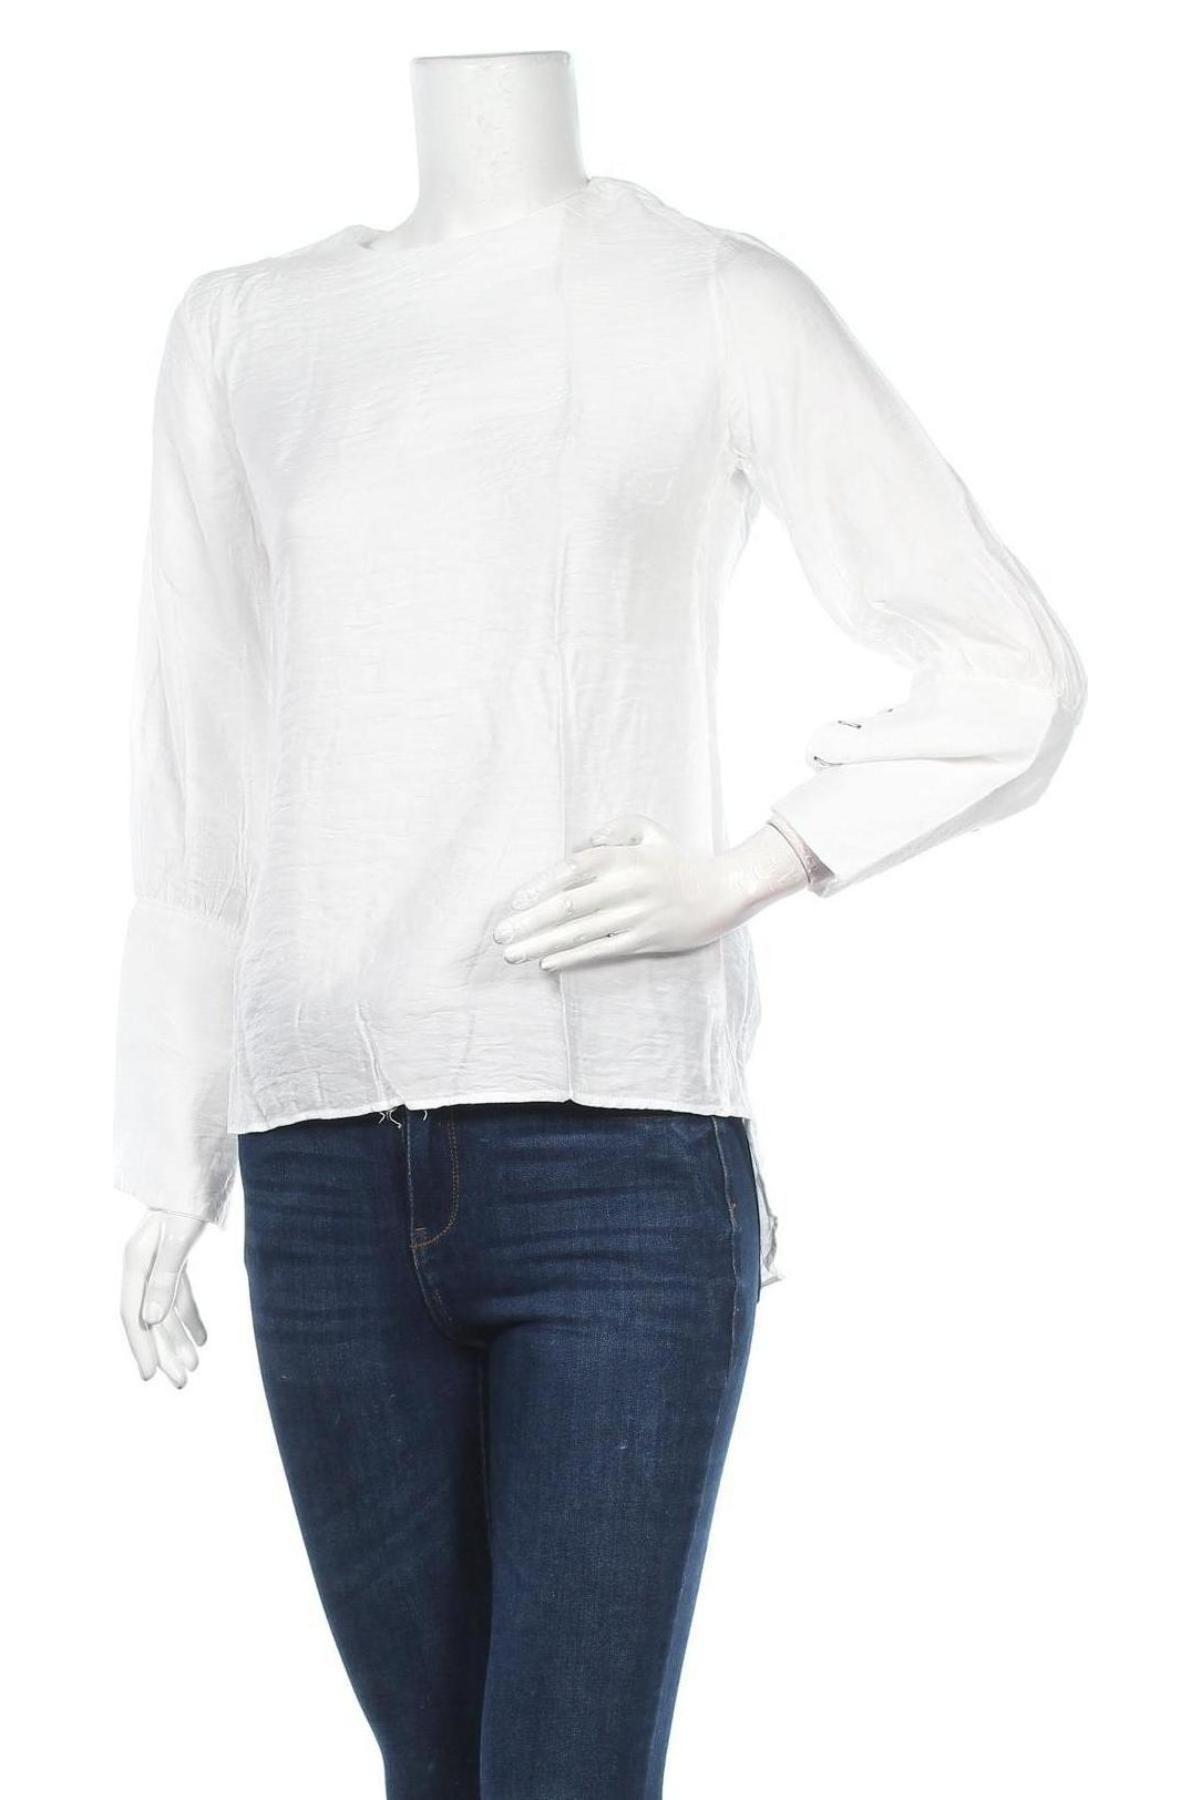 Дамска риза One & Two, Размер L, Цвят Бял, 60% полиестер, 40% памук, Цена 12,25лв.